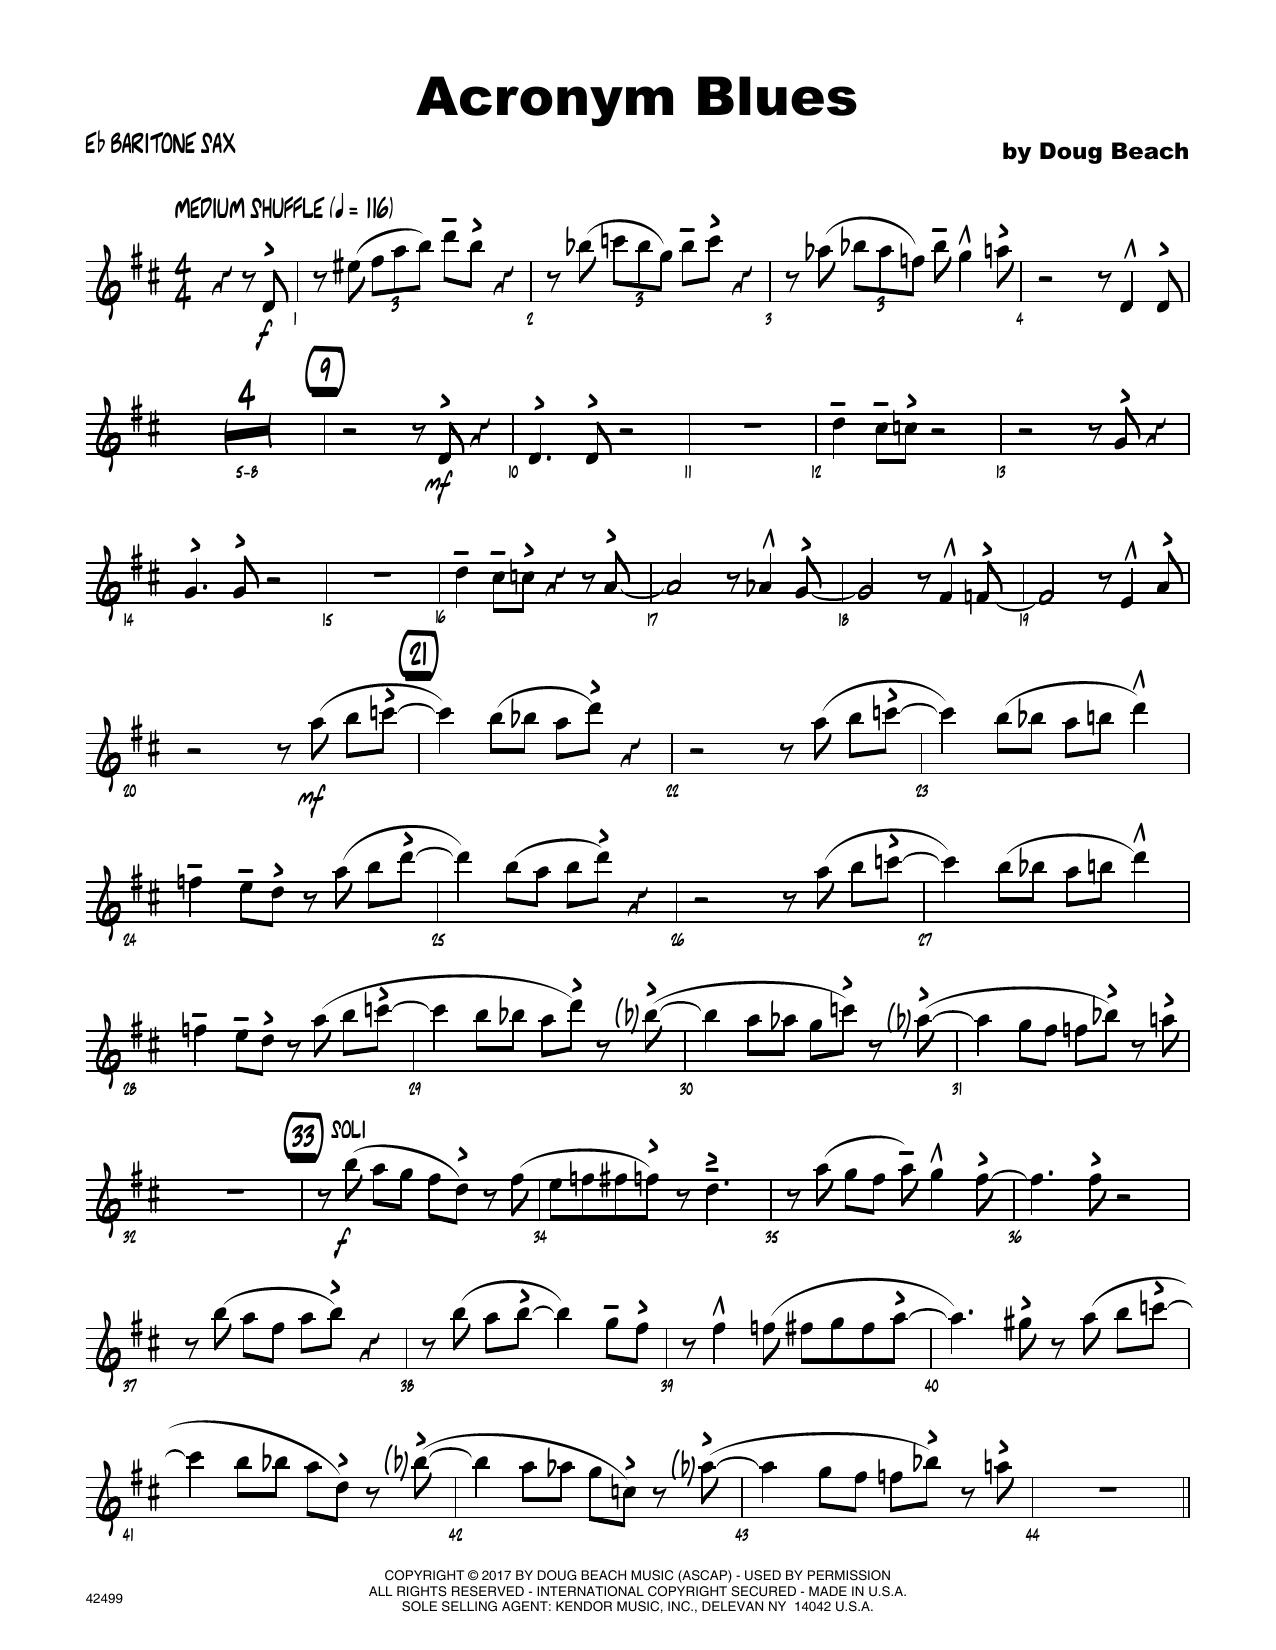 Acronym Blues - Eb Baritone Saxophone